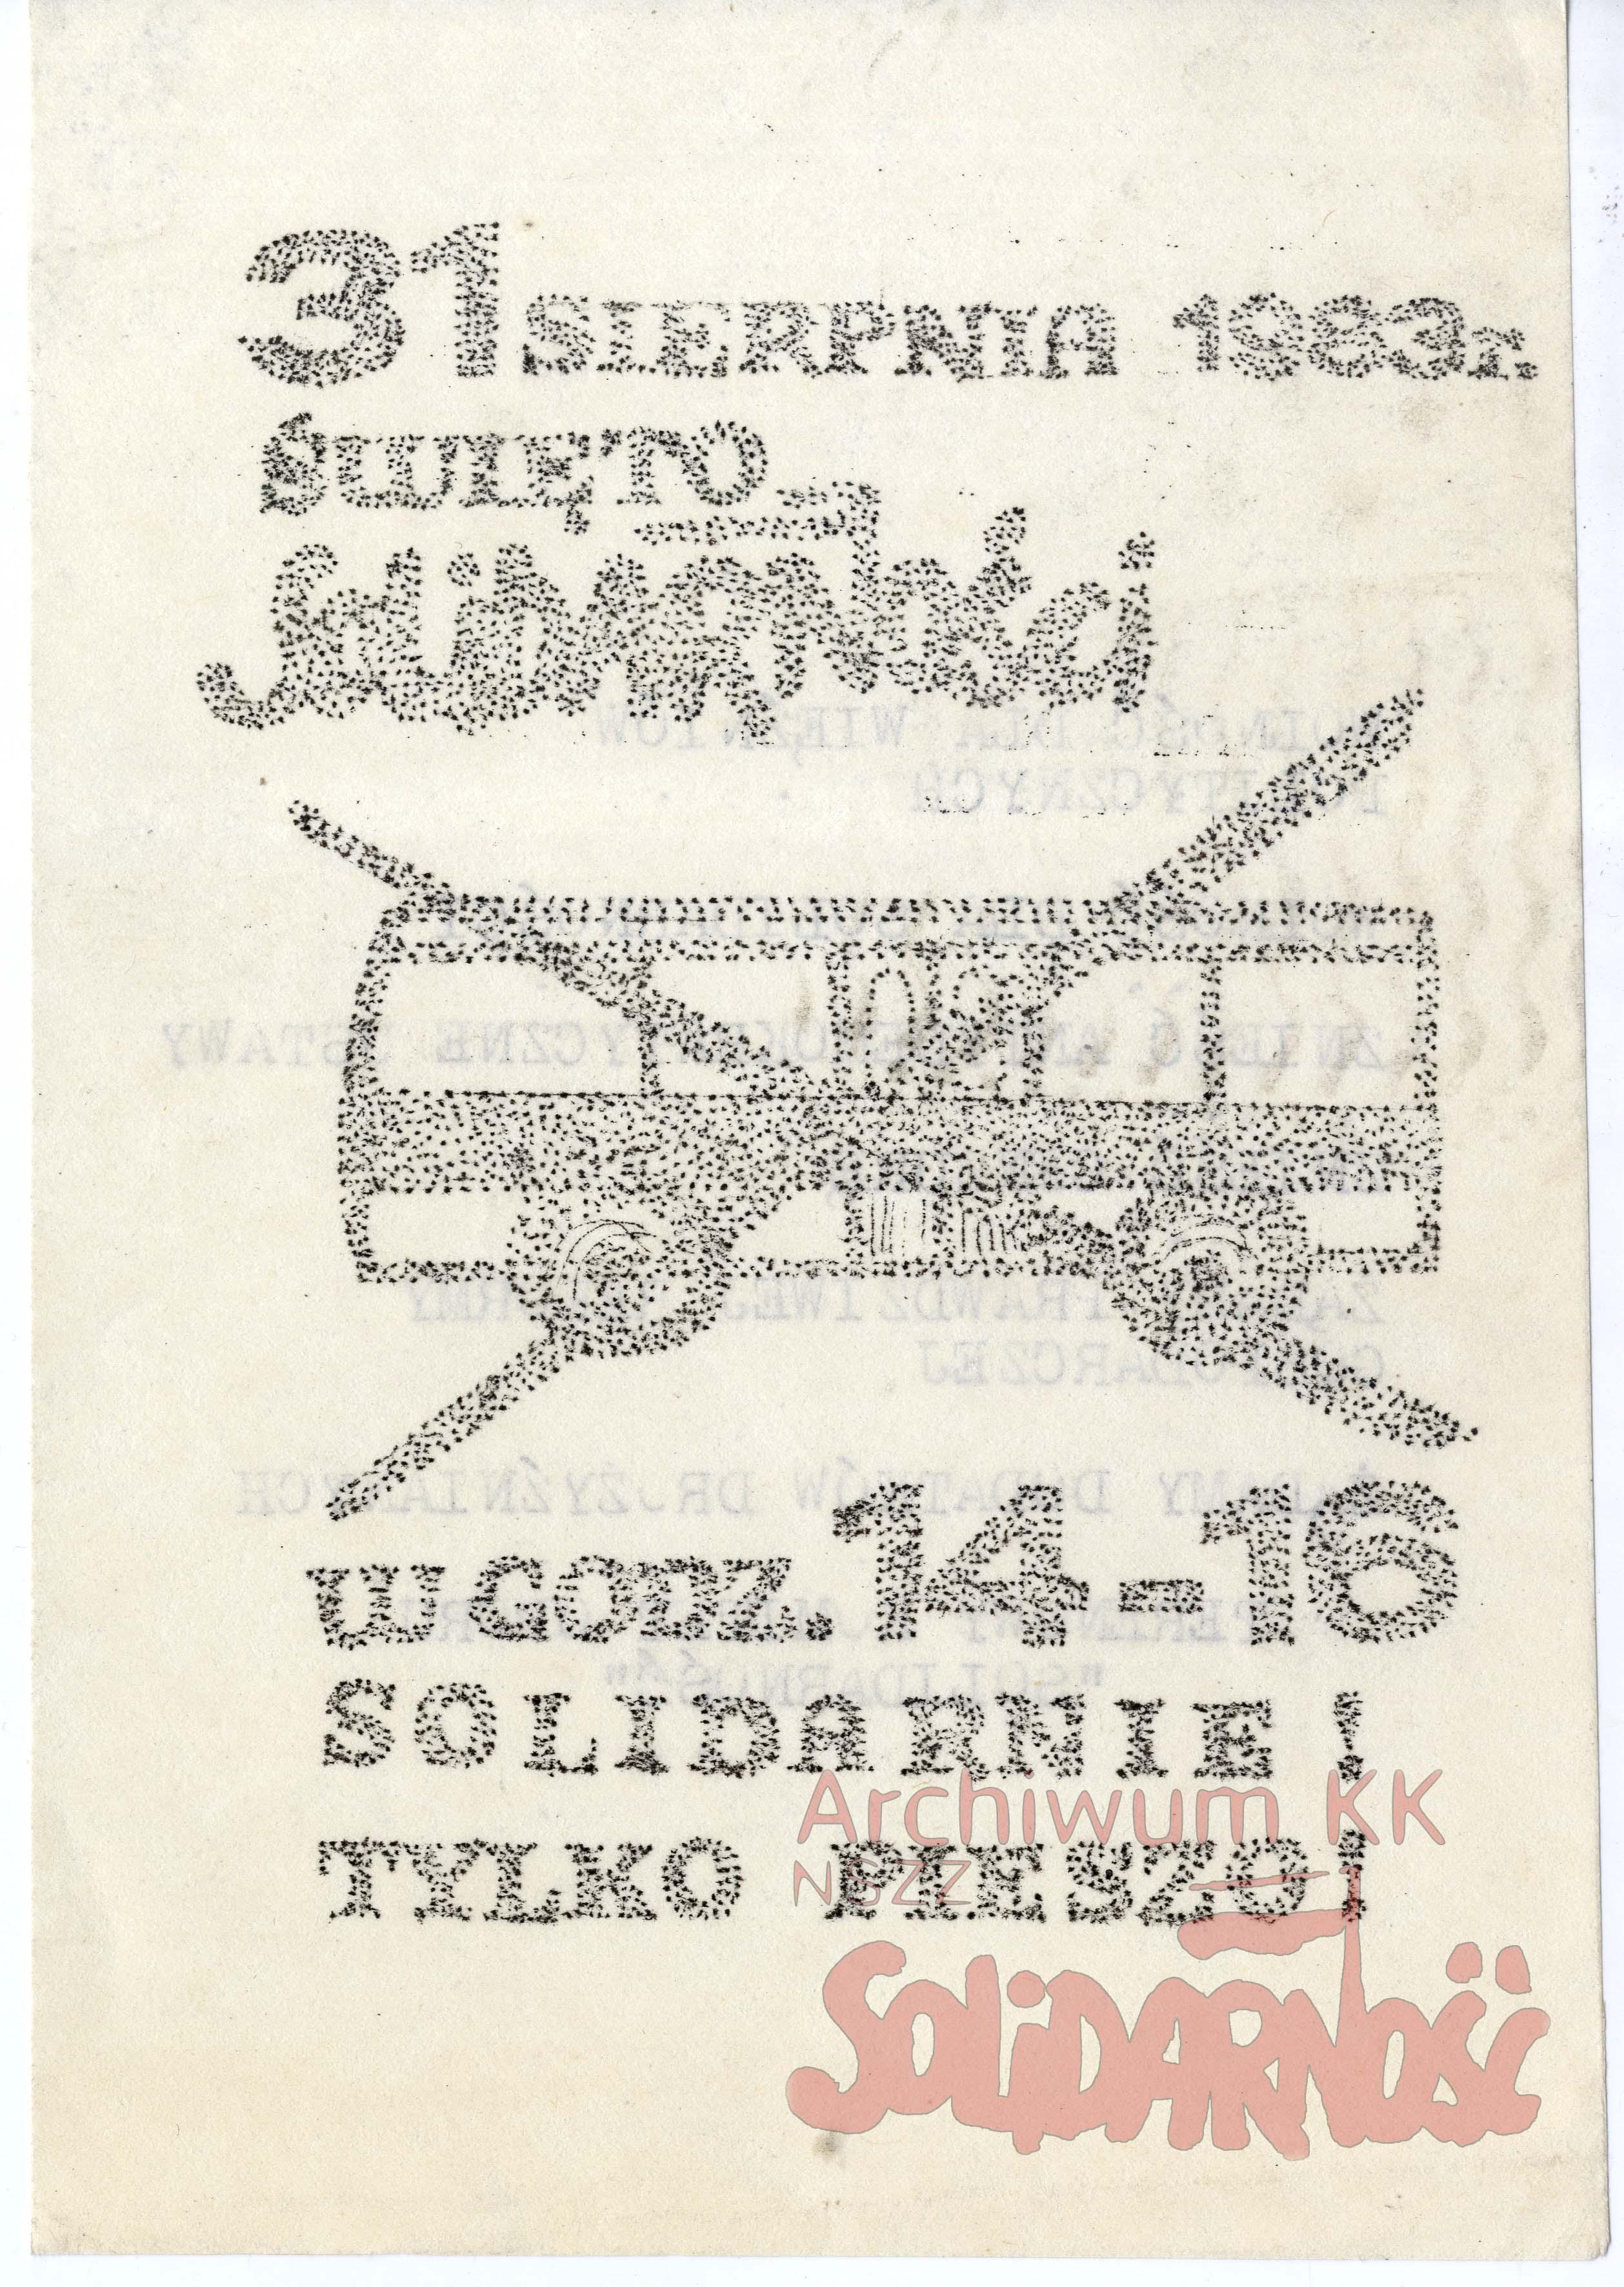 AKKS-347-76-6-035A